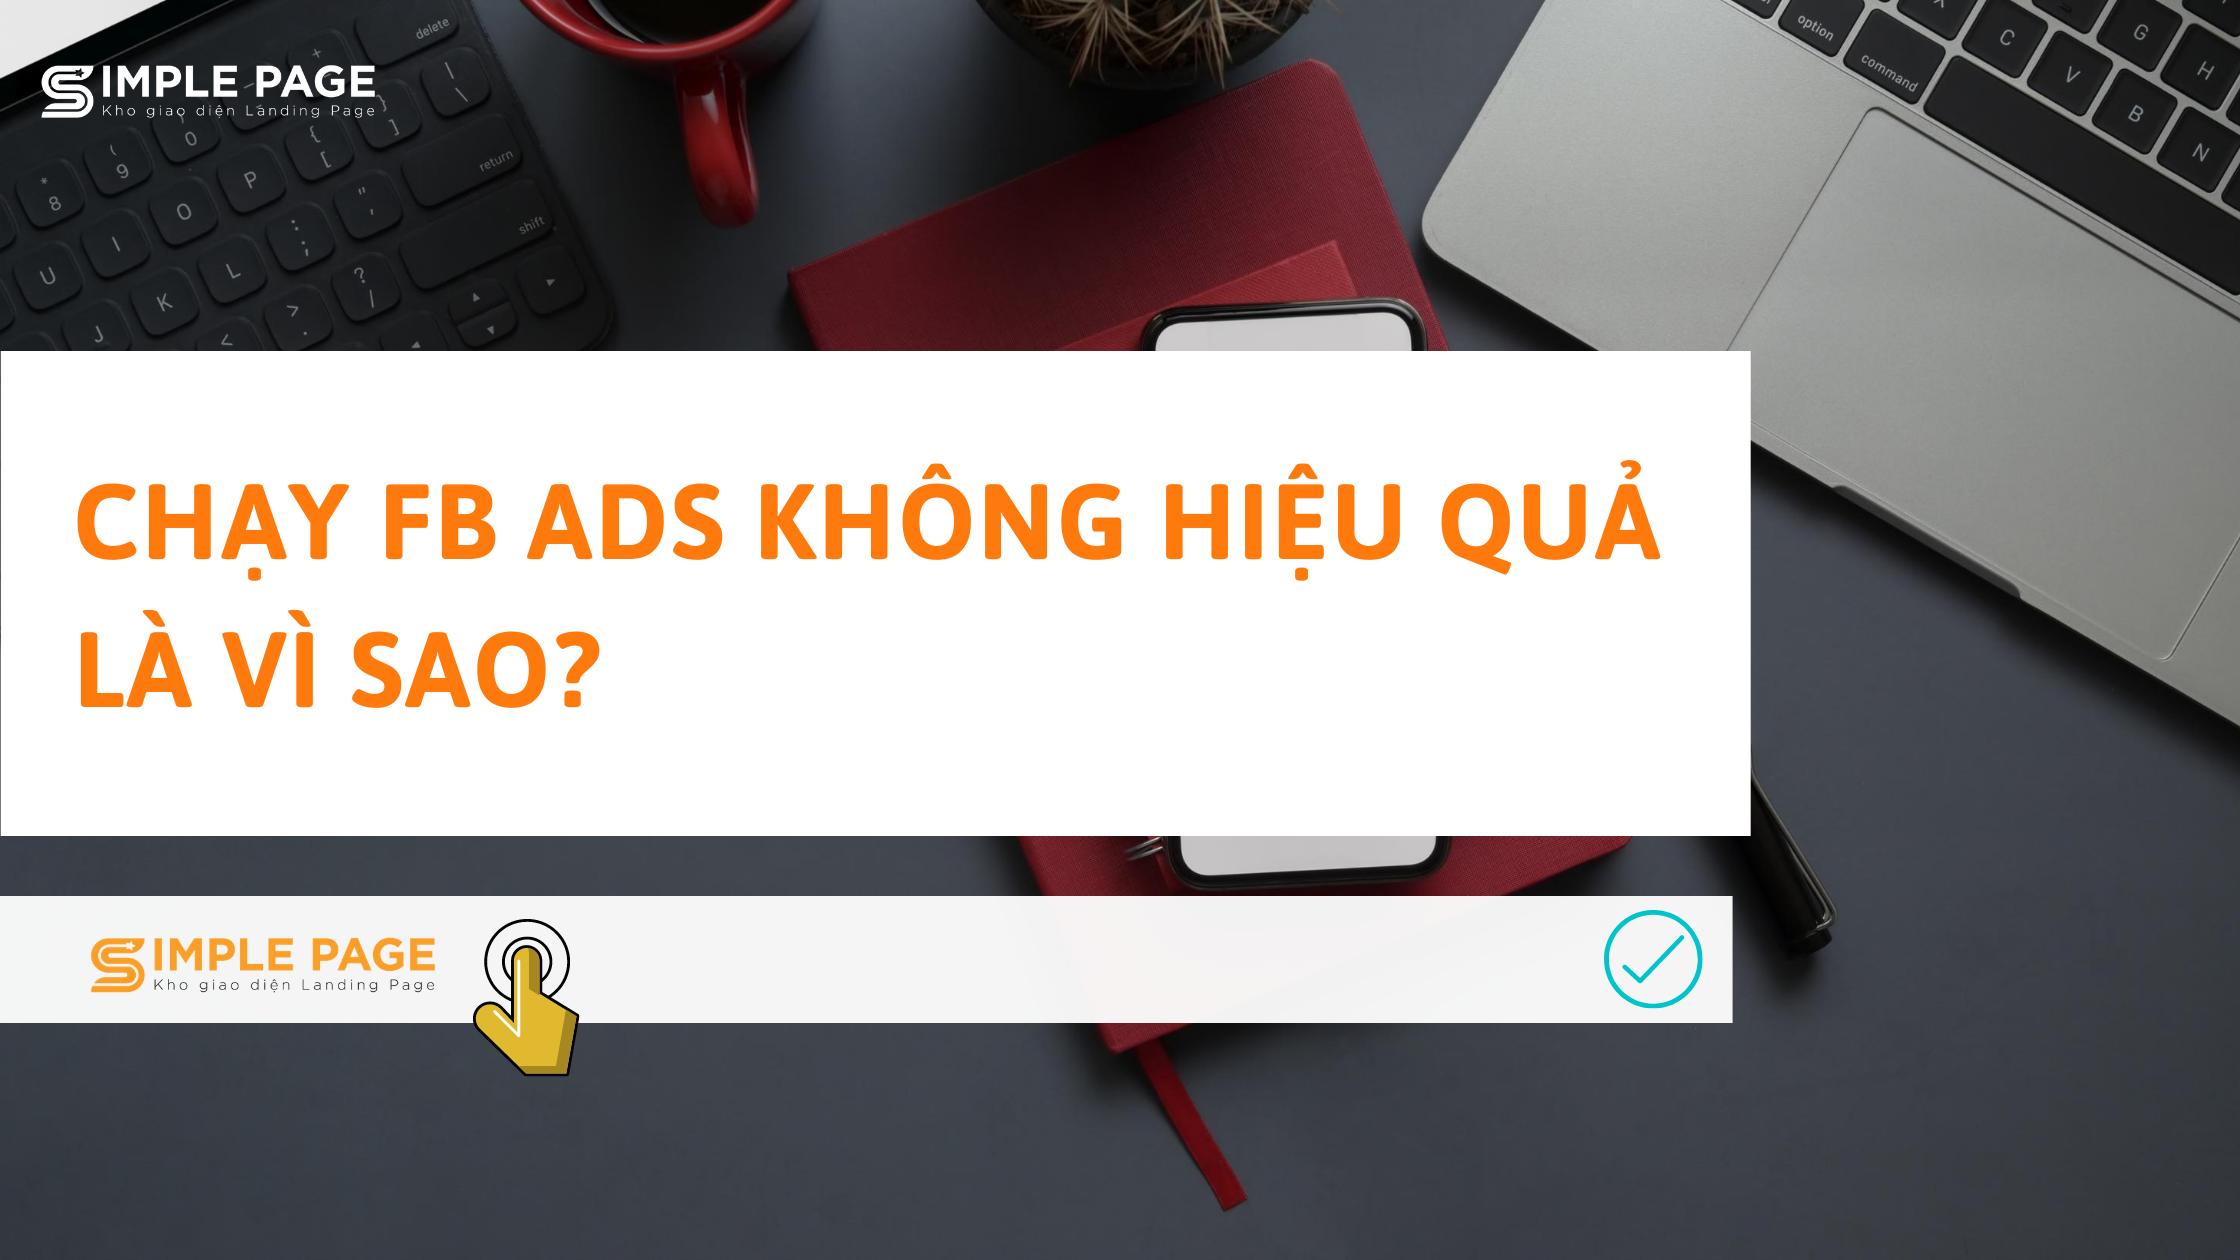 chạy fb ads không hiệu quả